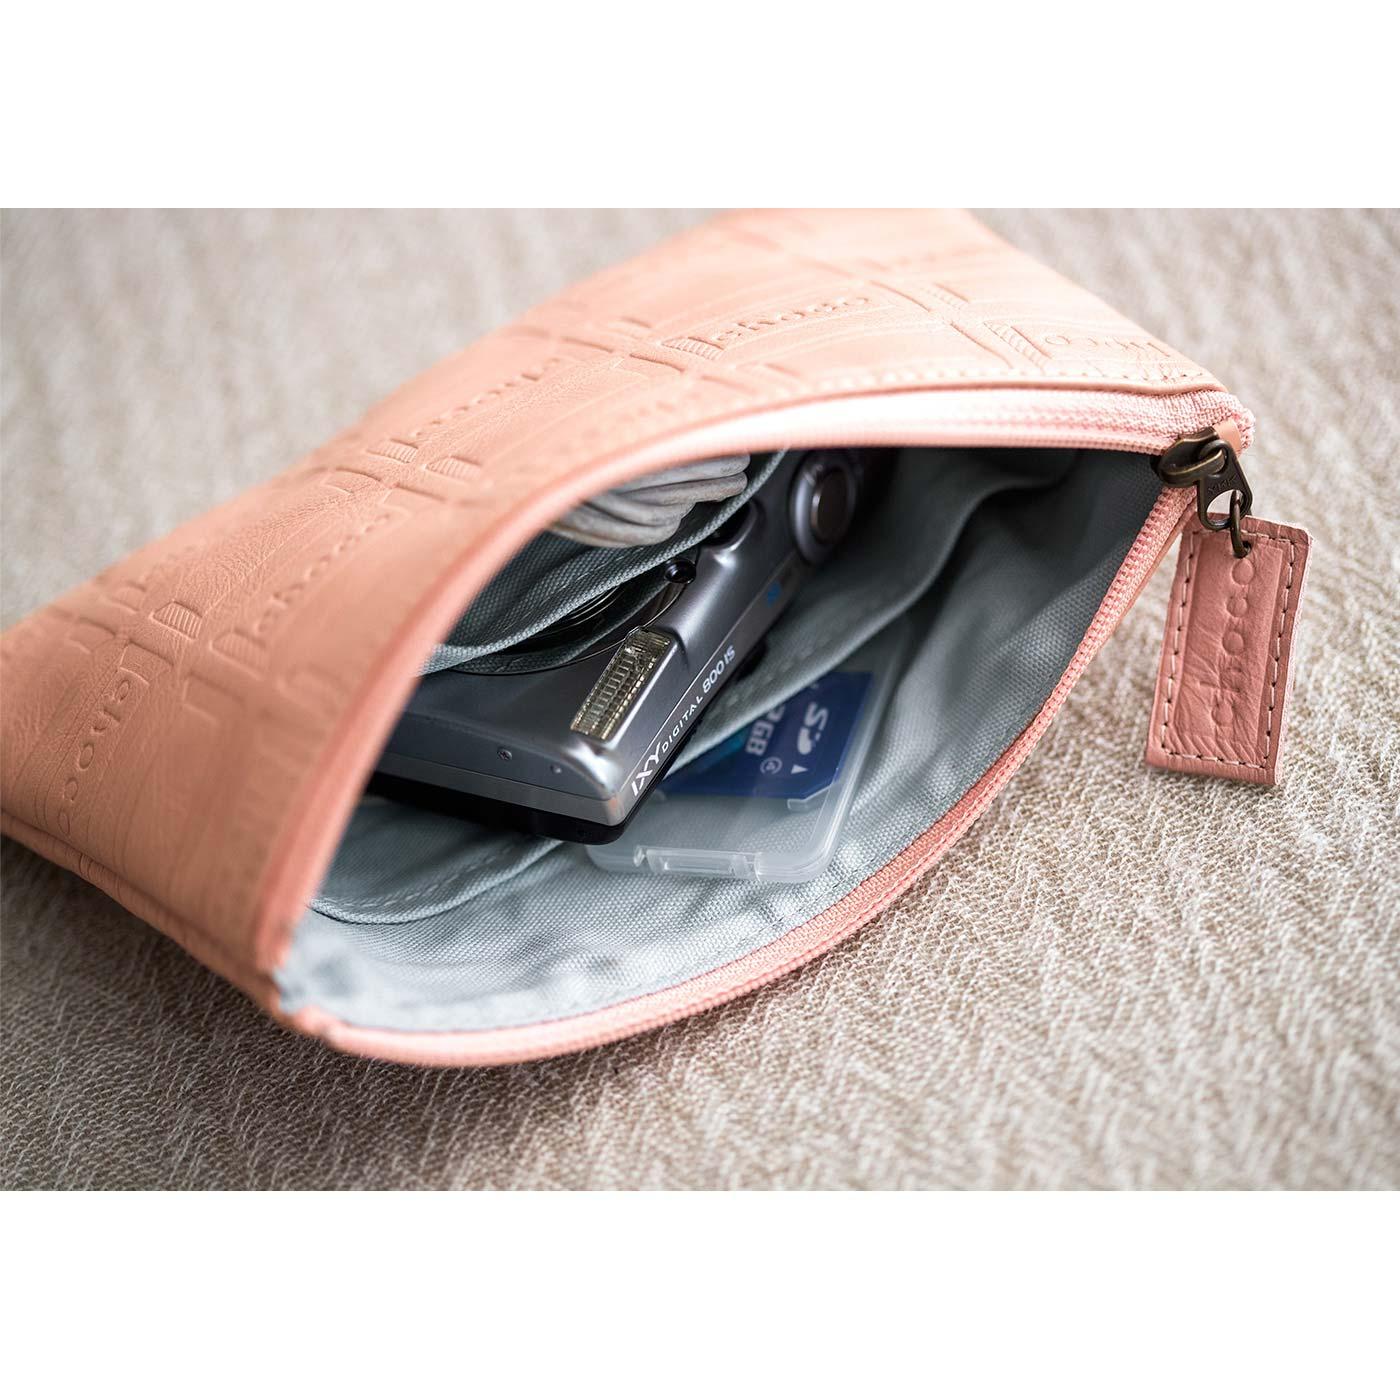 ファスナーポーチ 内ポケットがふたつ付いているので、デジタルカメラとUSB、携帯電話とバッテリーなど、一緒に入れて別々に収納できます。 ■サイズ/縦約11.5cm、横約18cm